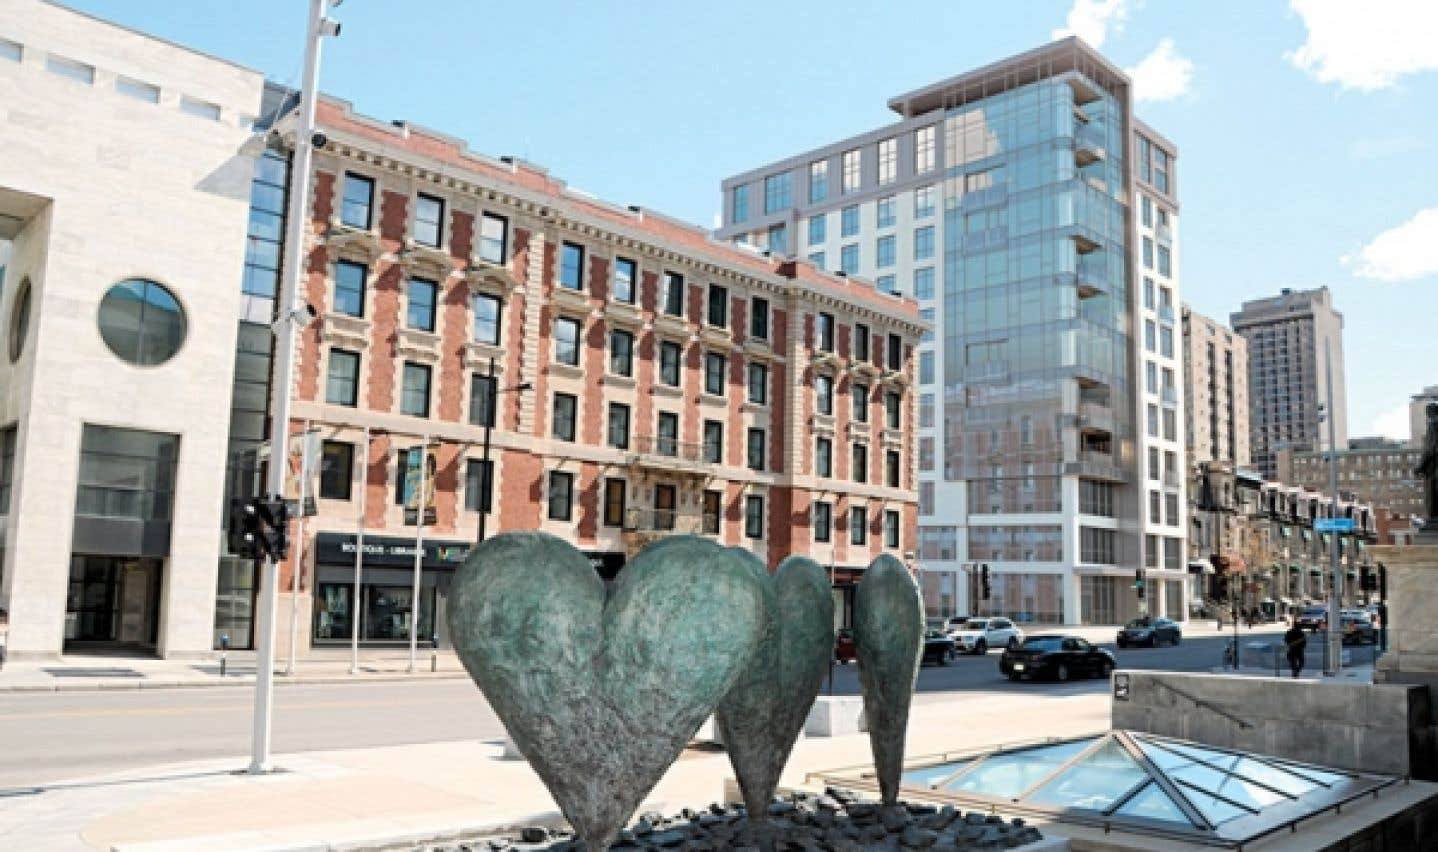 Le complexe ORO Résidences est situé au 1400, rue Sherbrooke Ouest, à deux pas du Musée des beaux-arts de Montréal. Cette portion de la rue Sherbrooke est réputée pour ses boutiques de haute couture et ses galeries d'art.